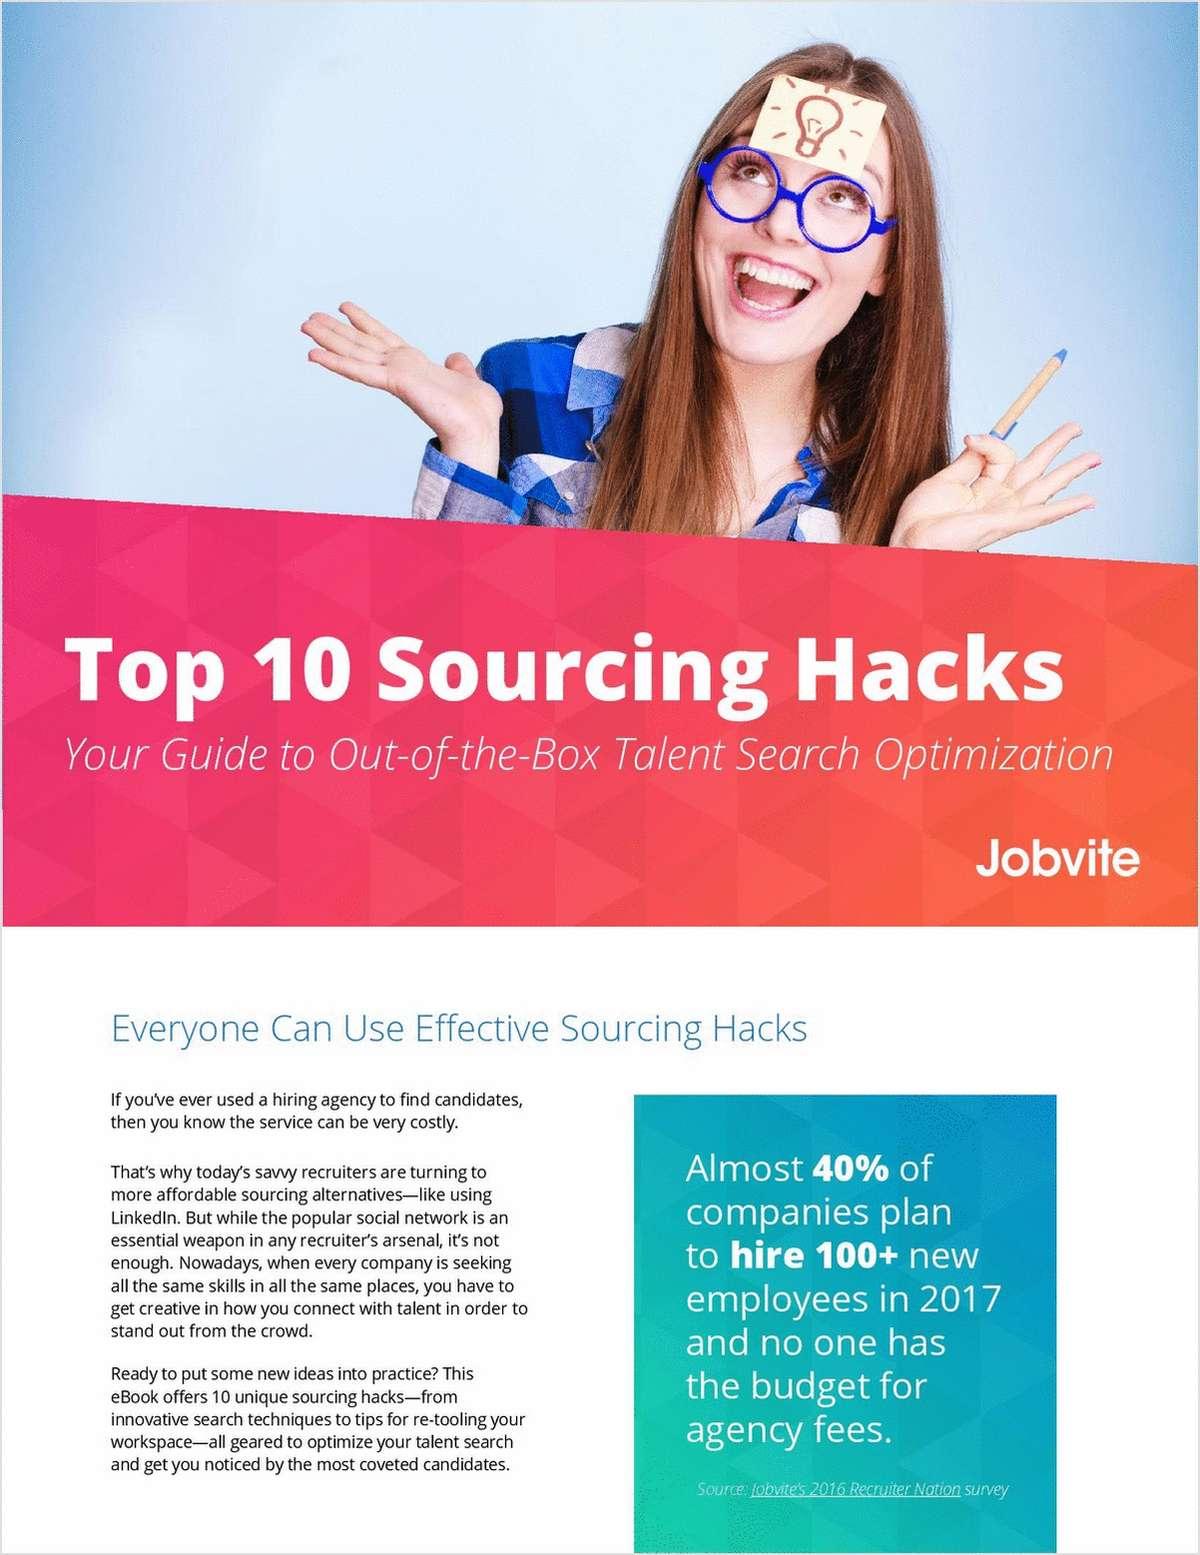 Top 10 Sourcing Hacks